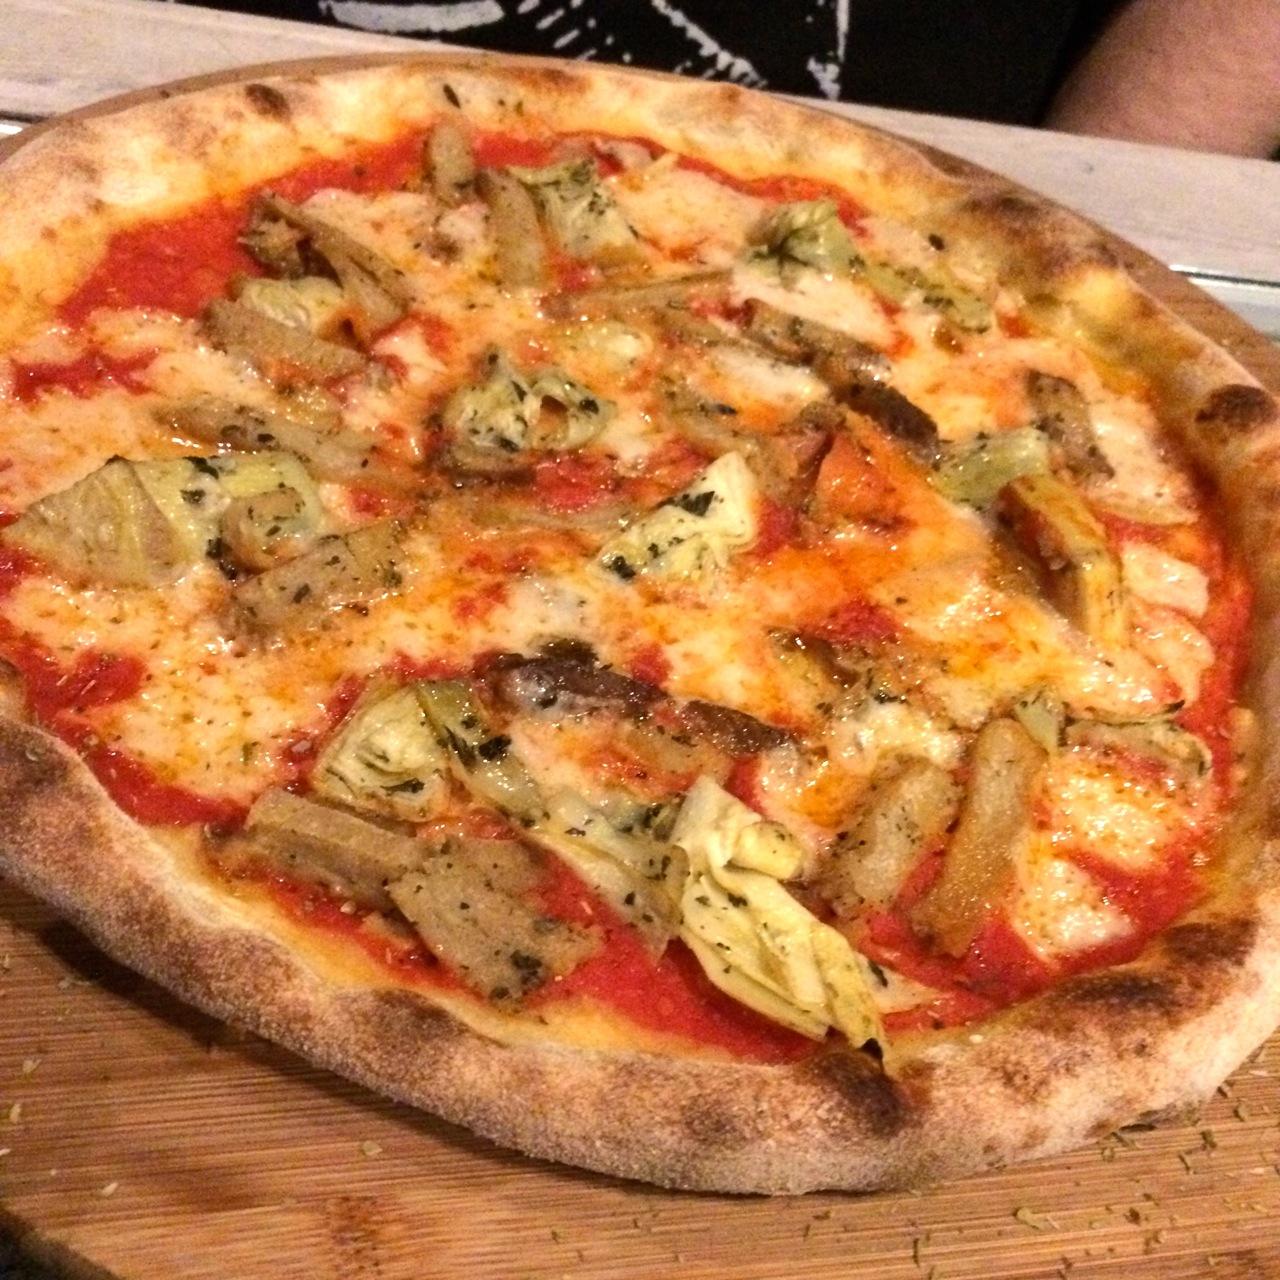 https://i1.wp.com/fatgayvegan.com/wp-content/uploads/2015/11/vegan-pizza.jpg?fit=1280%2C1280